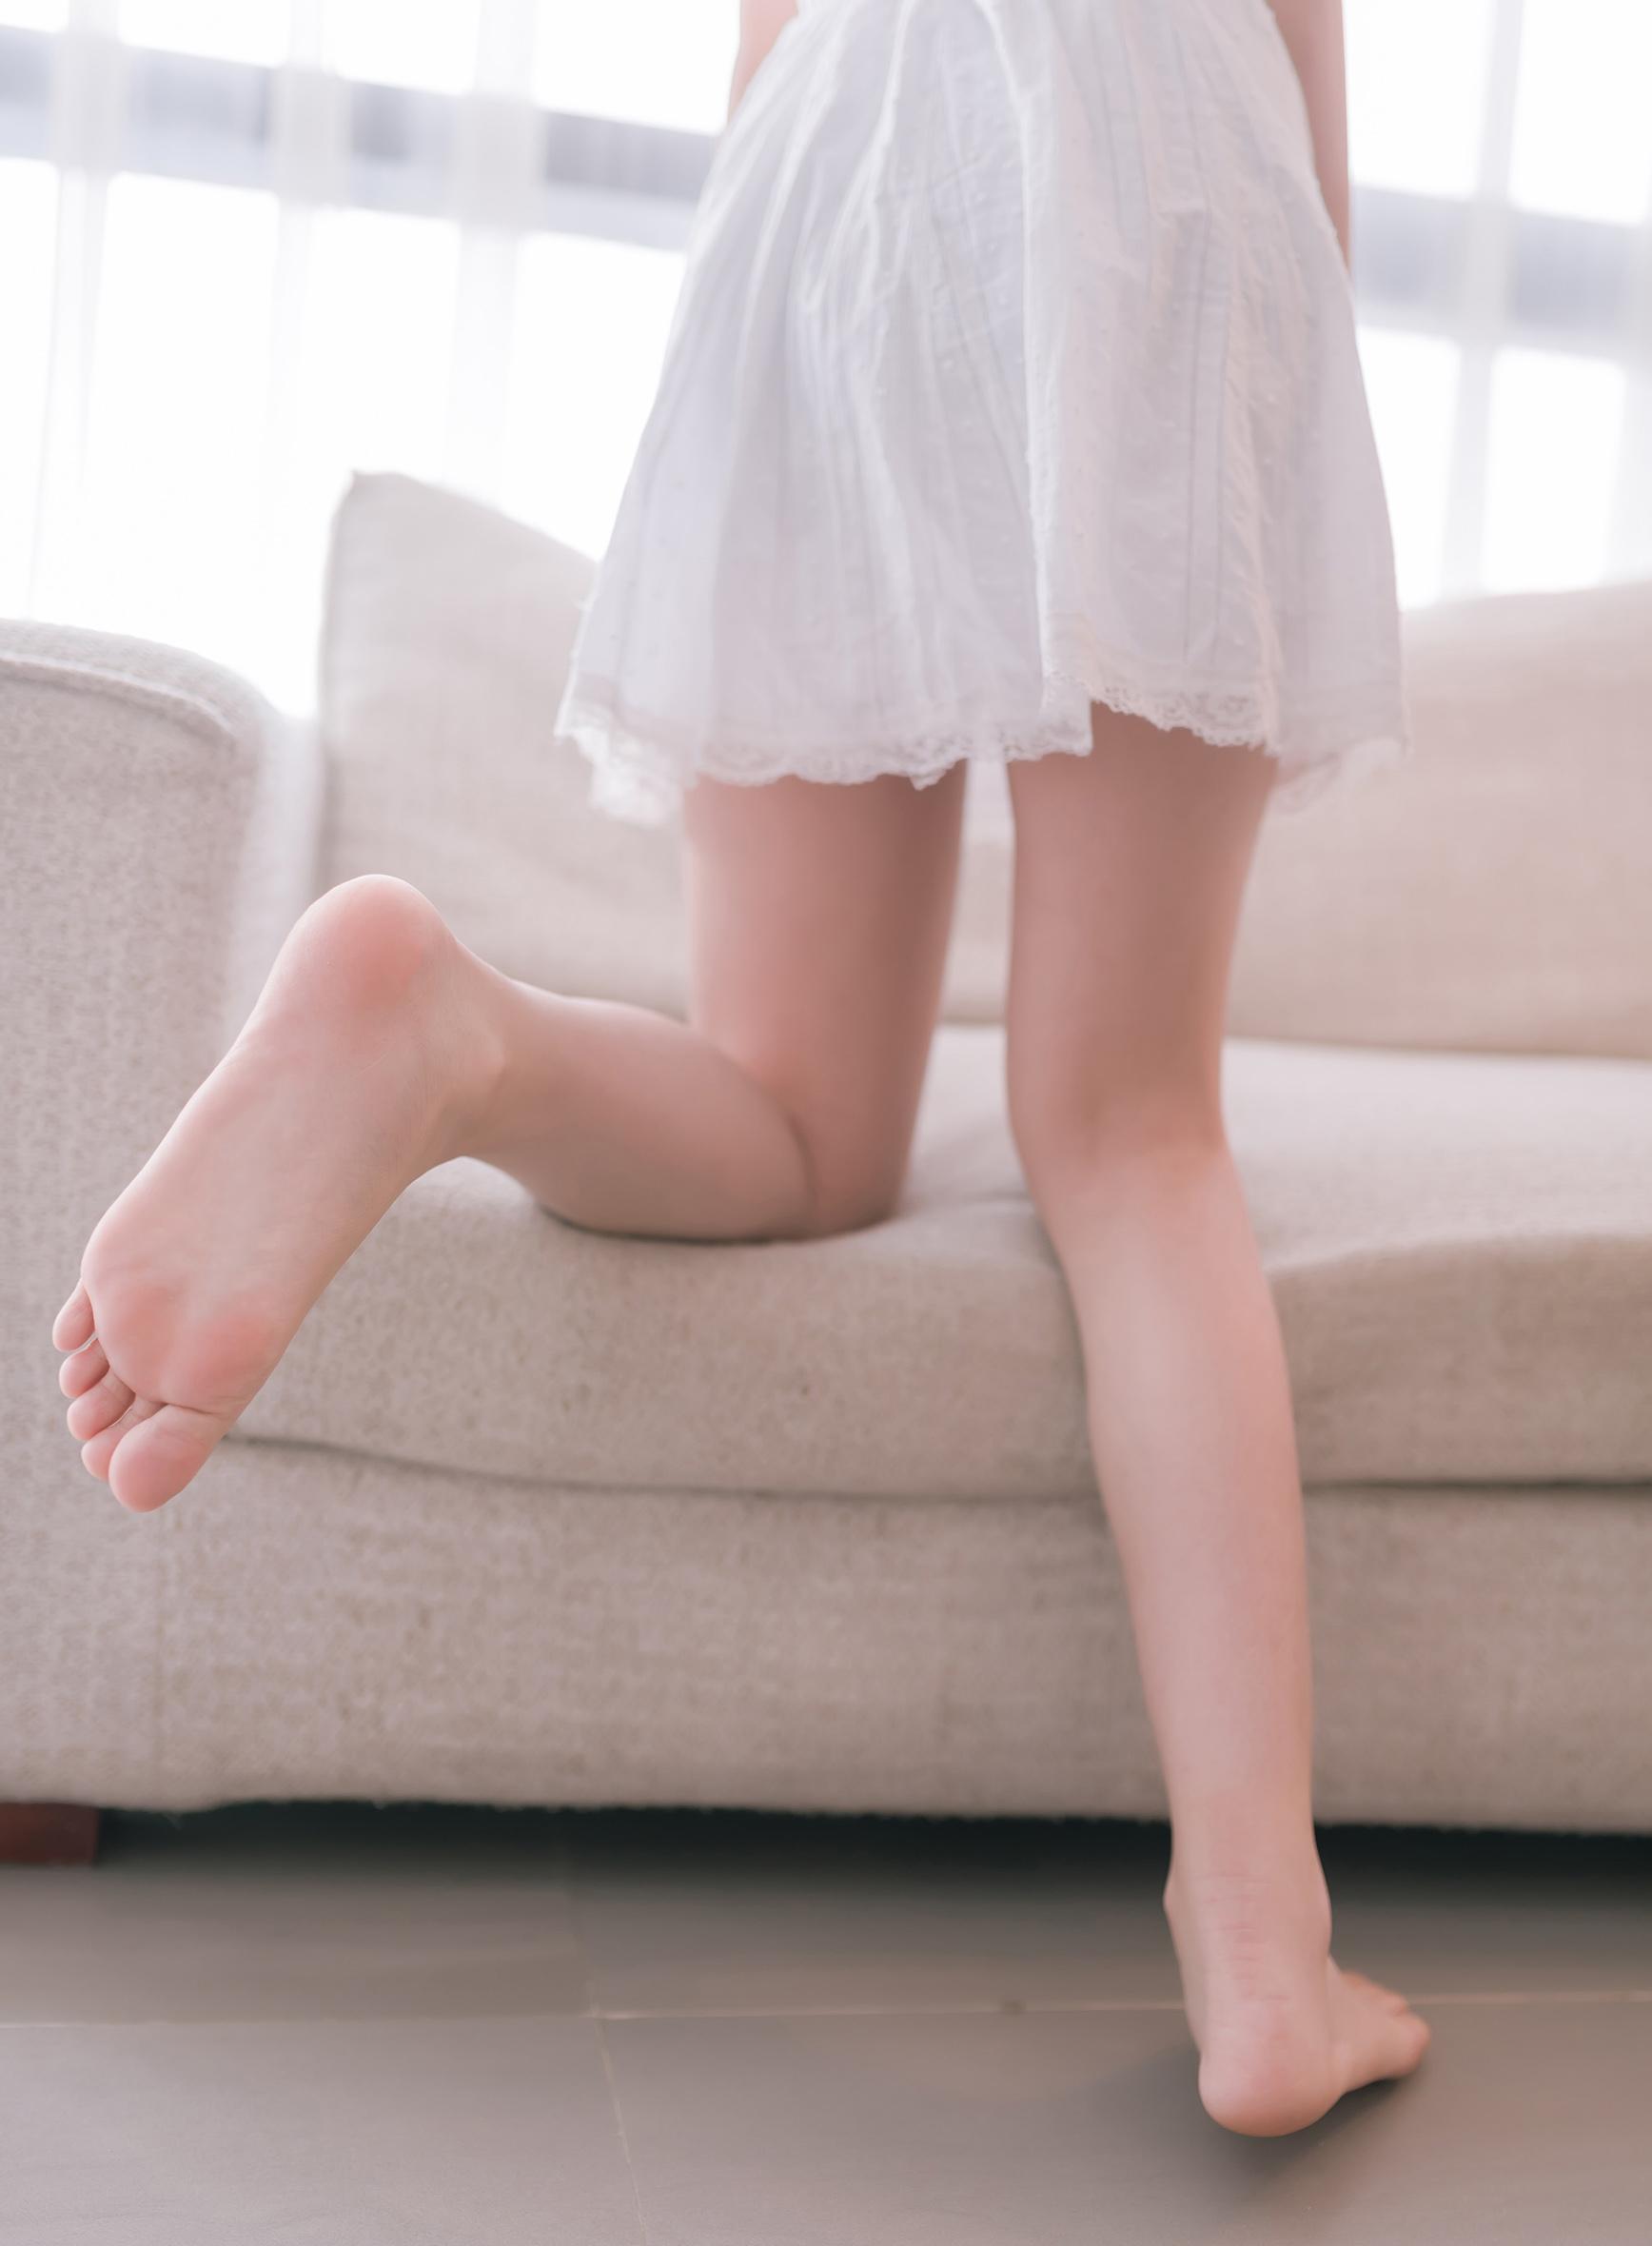 白裙双马尾【45p】 少女映画